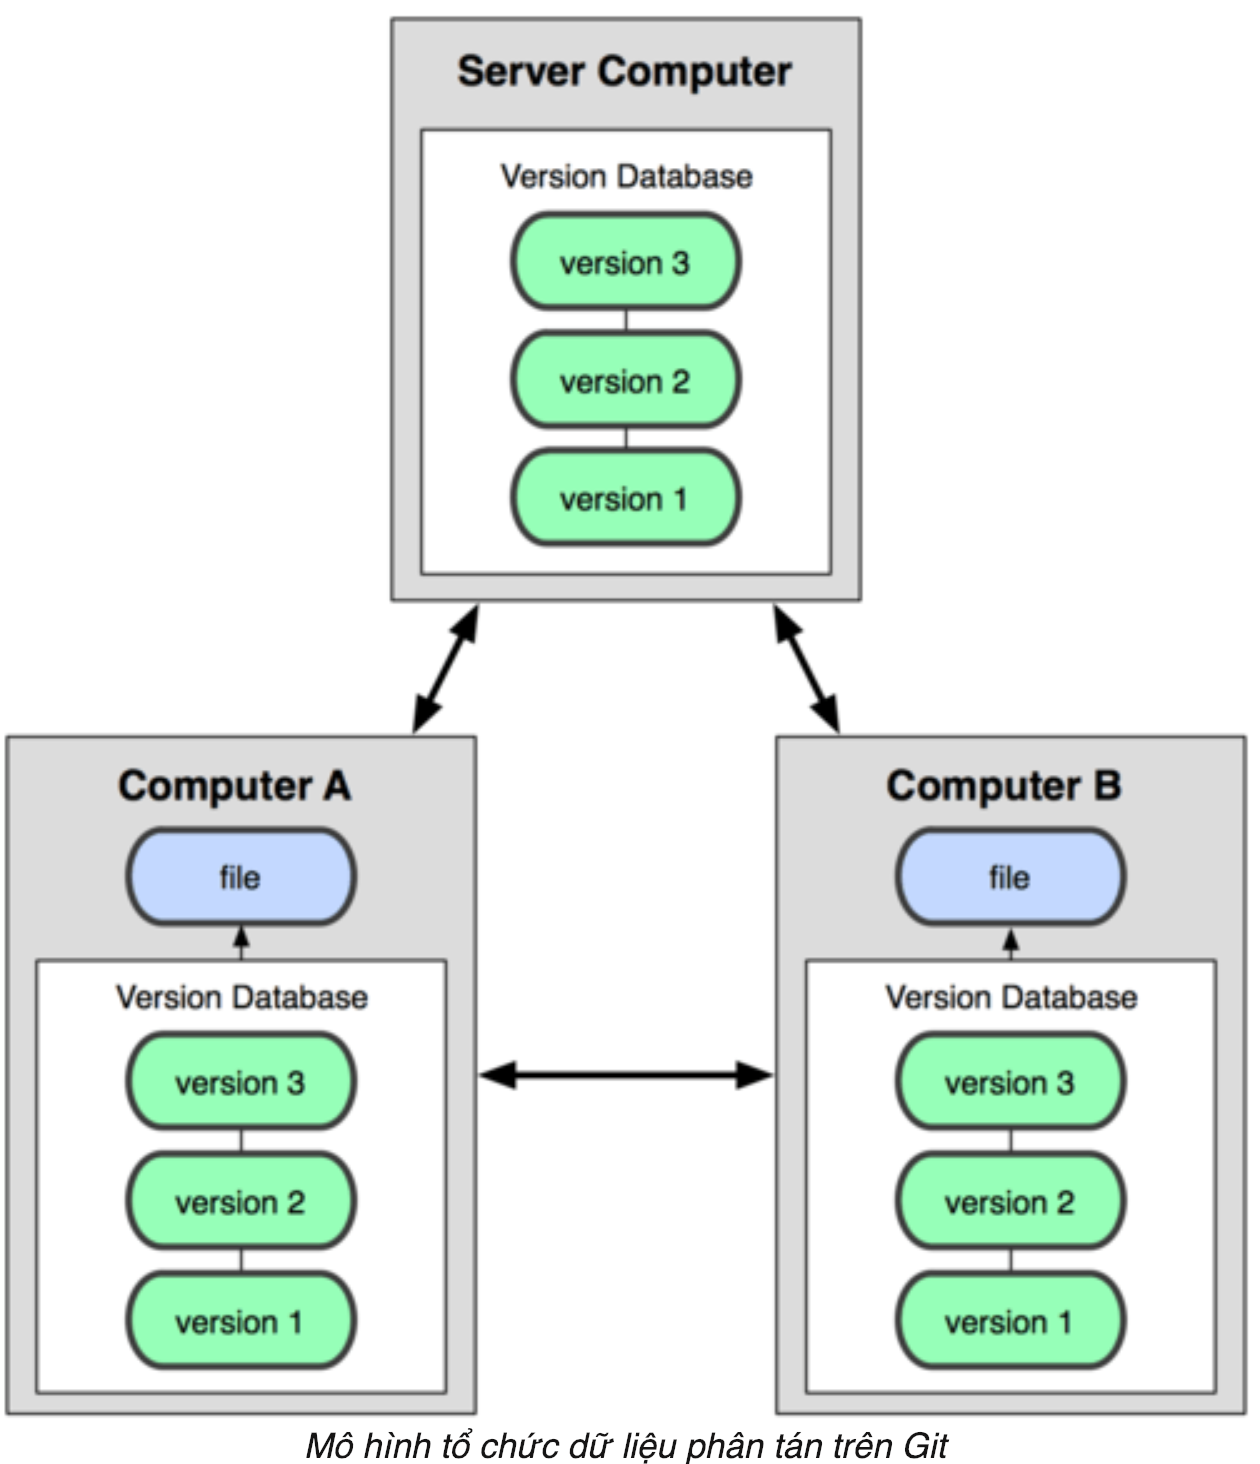 mô hình tổ chức dữ liệu phân tán trên git